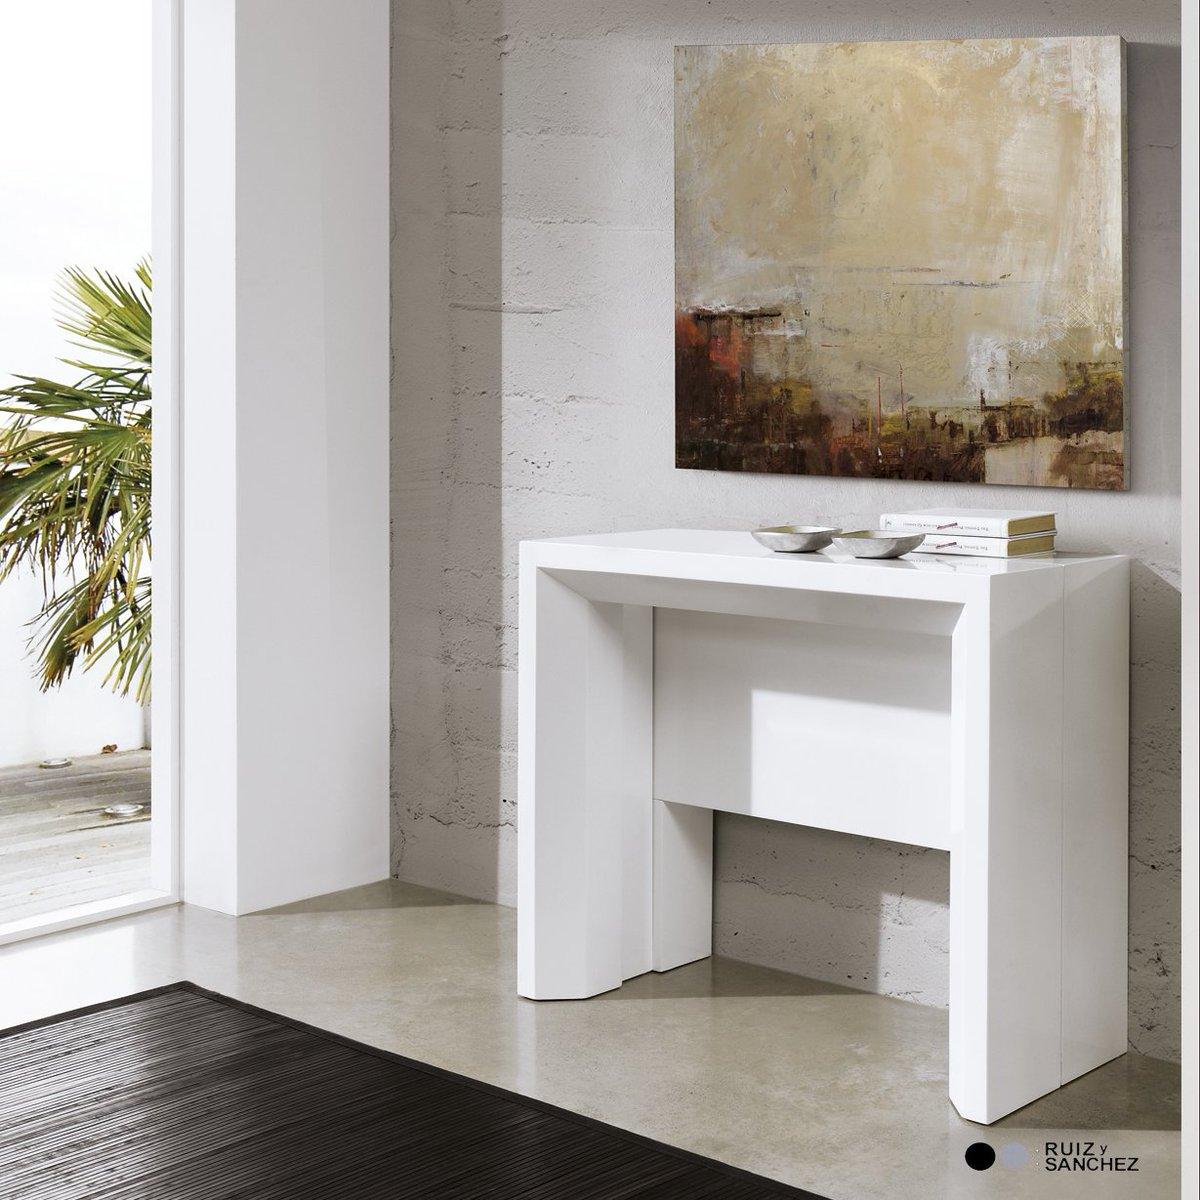 Muebles mesa en lucena latest muebles de liquidacion with for Muebles mesa lucena